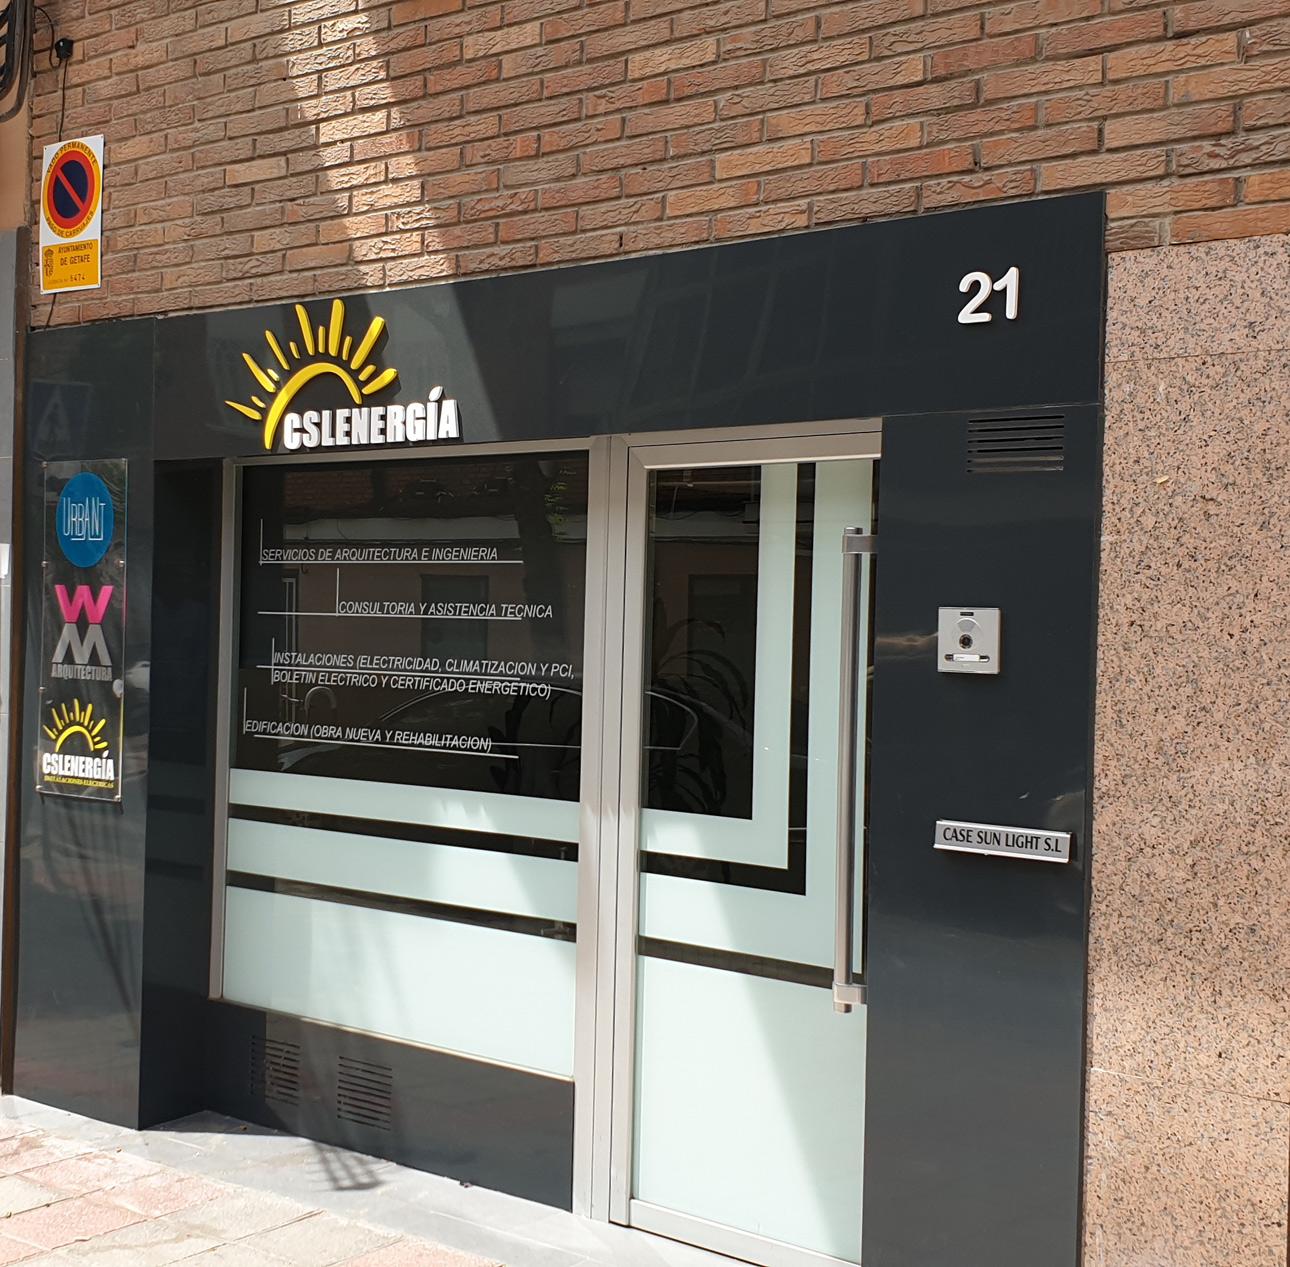 fachada_cslenergia2